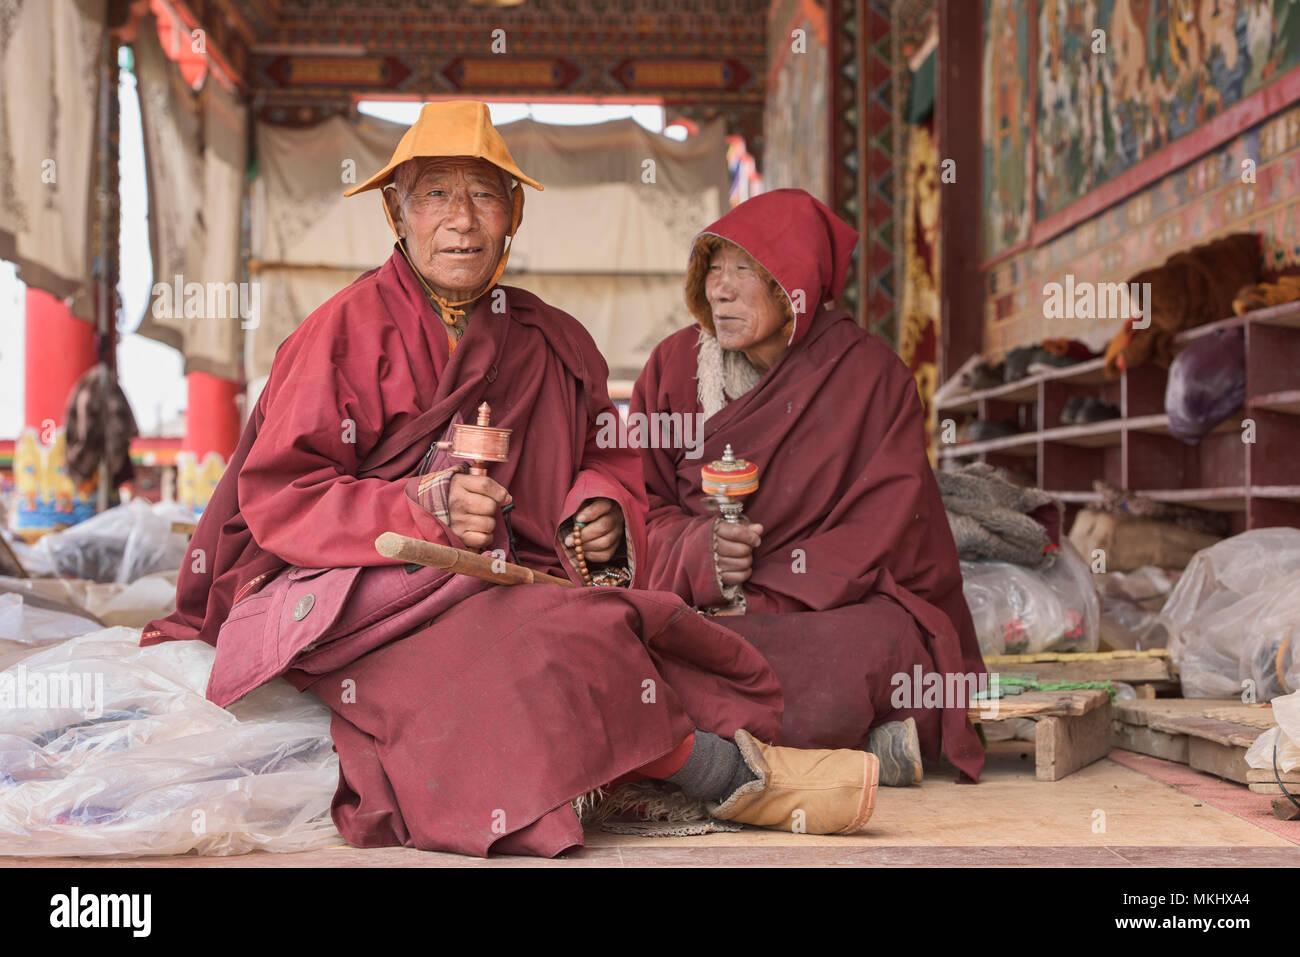 Monaci Tibetani la filatura ruote della preghiera, Yarchen Gar, Sichuan, in Cina Immagini Stock